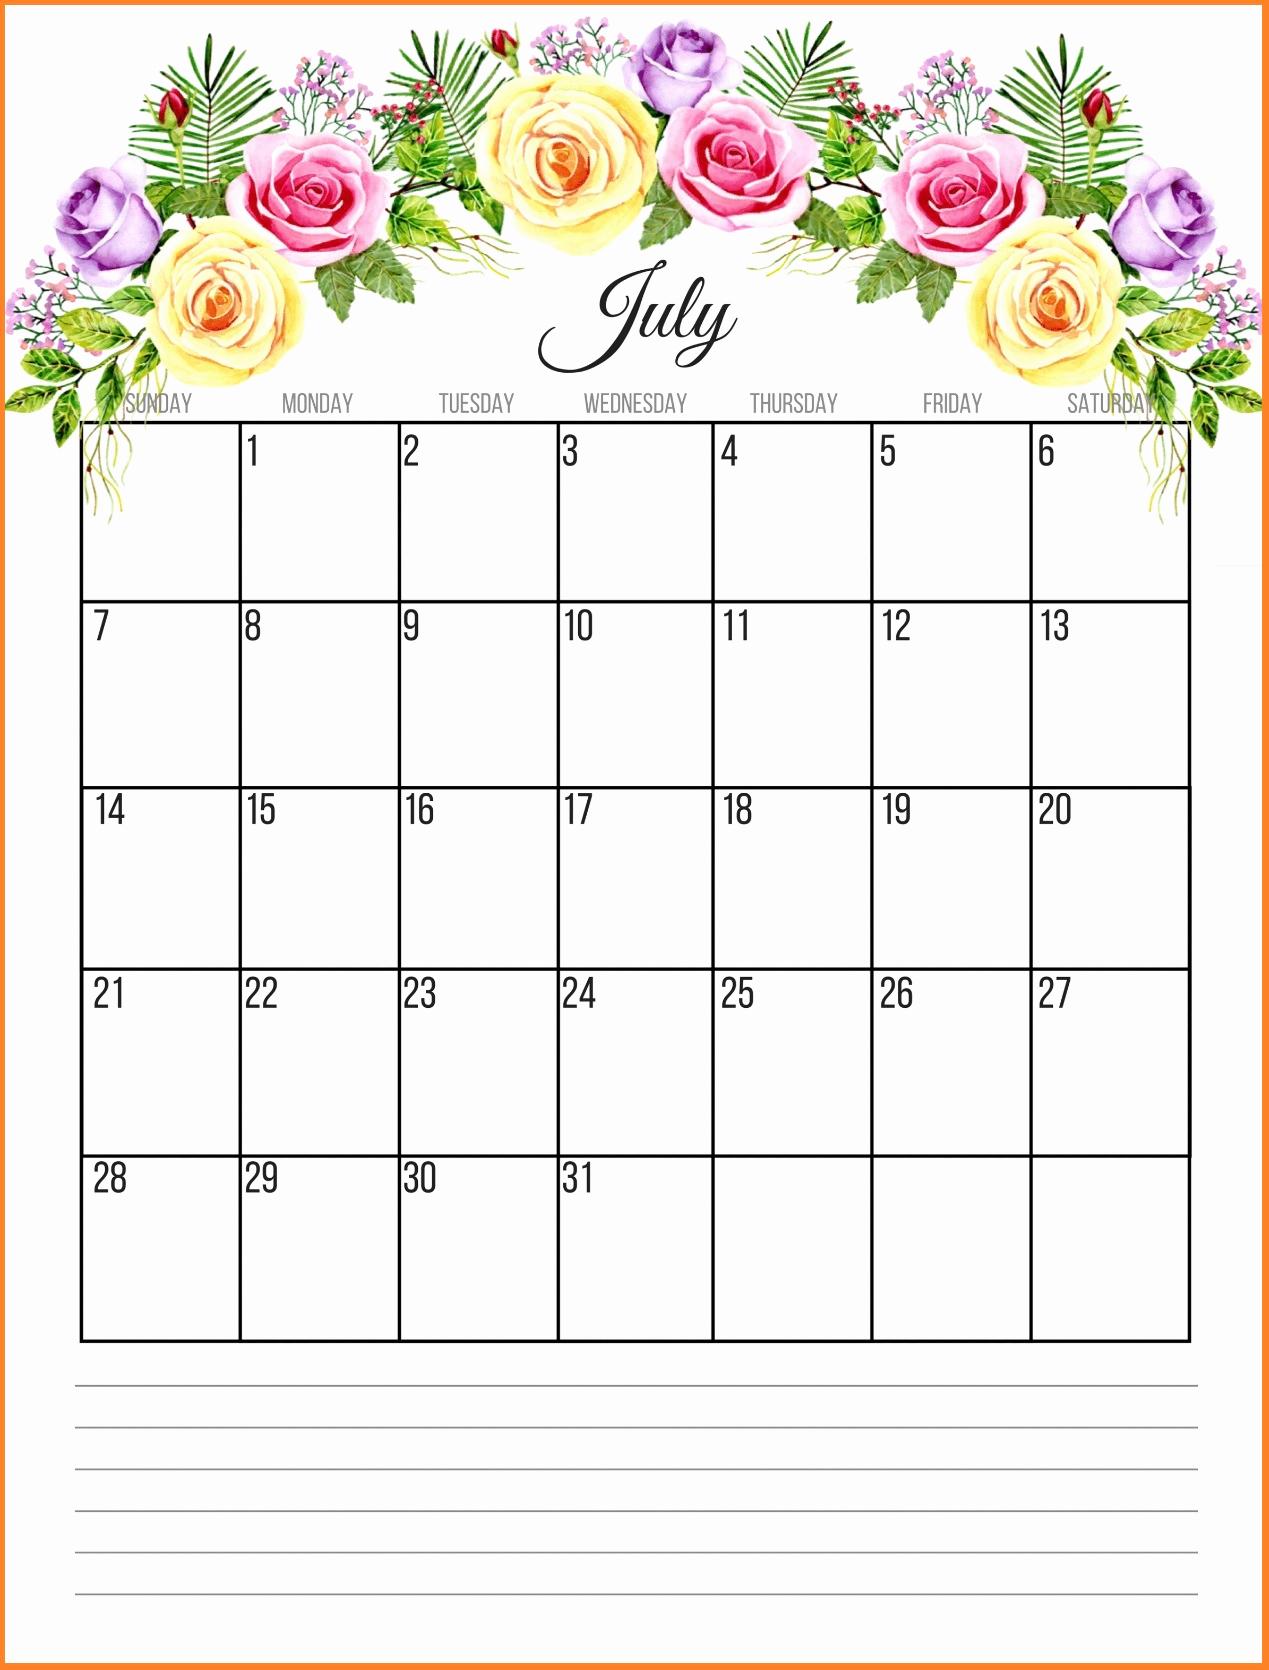 Floral July 2019 Calendar